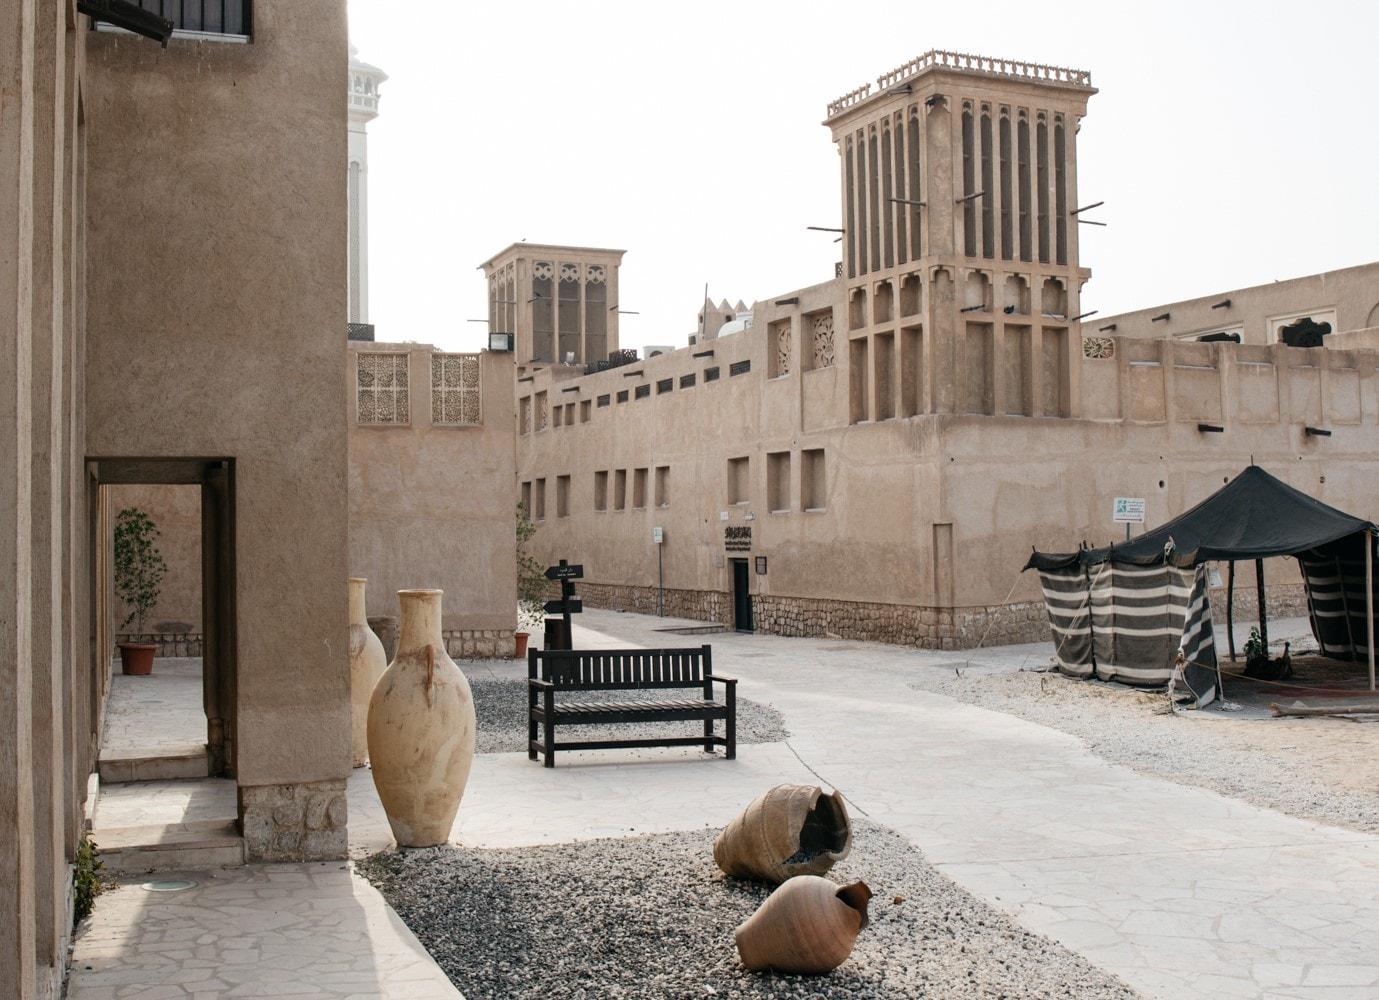 Al Bastakiya